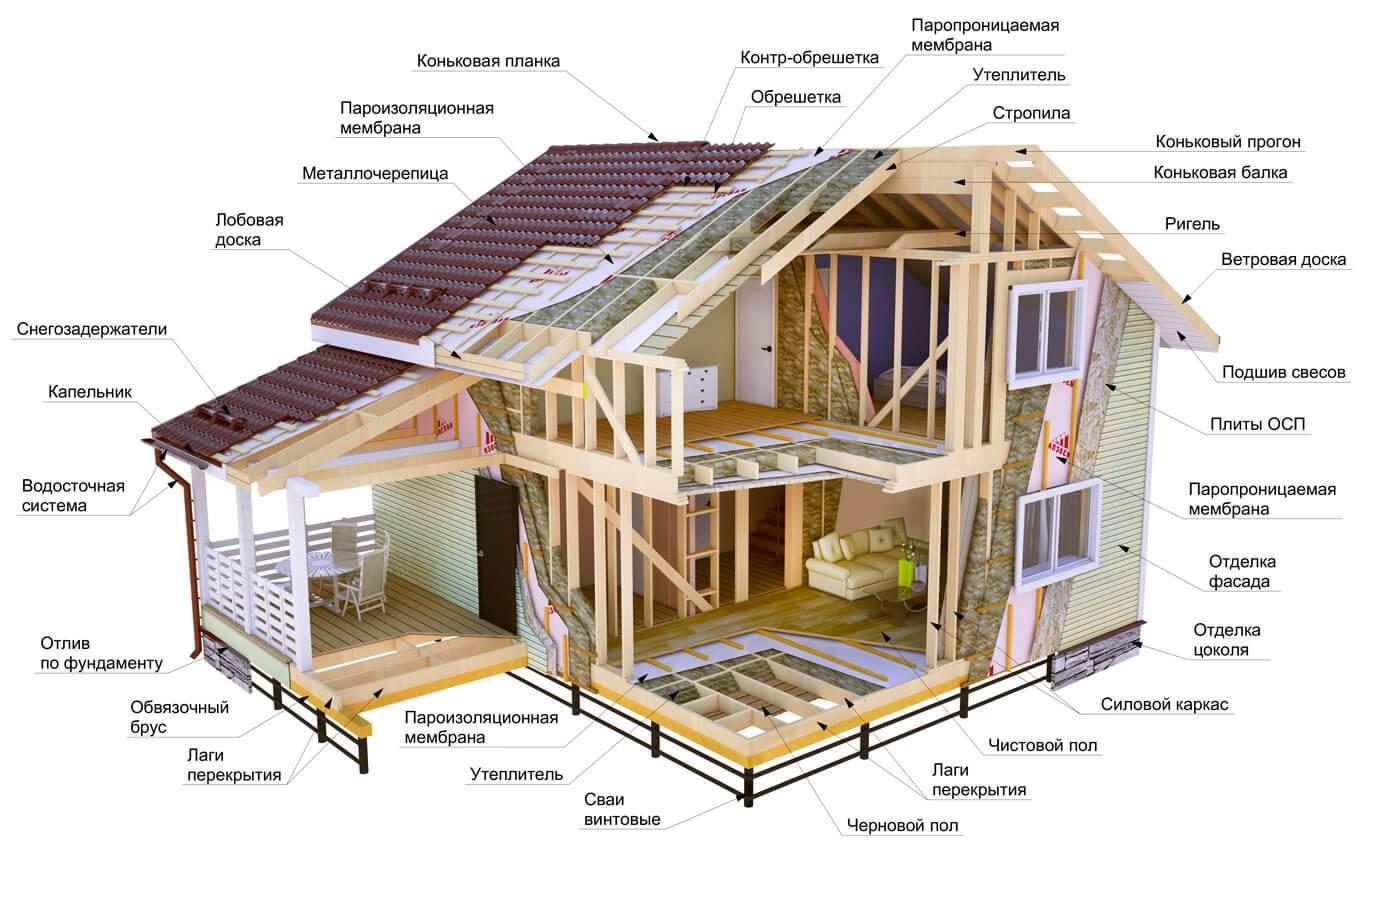 Загородные дома, возведенные по каркасной технологии: виды каркасной системы, тонкости и мифы технологии, стоимость строительства